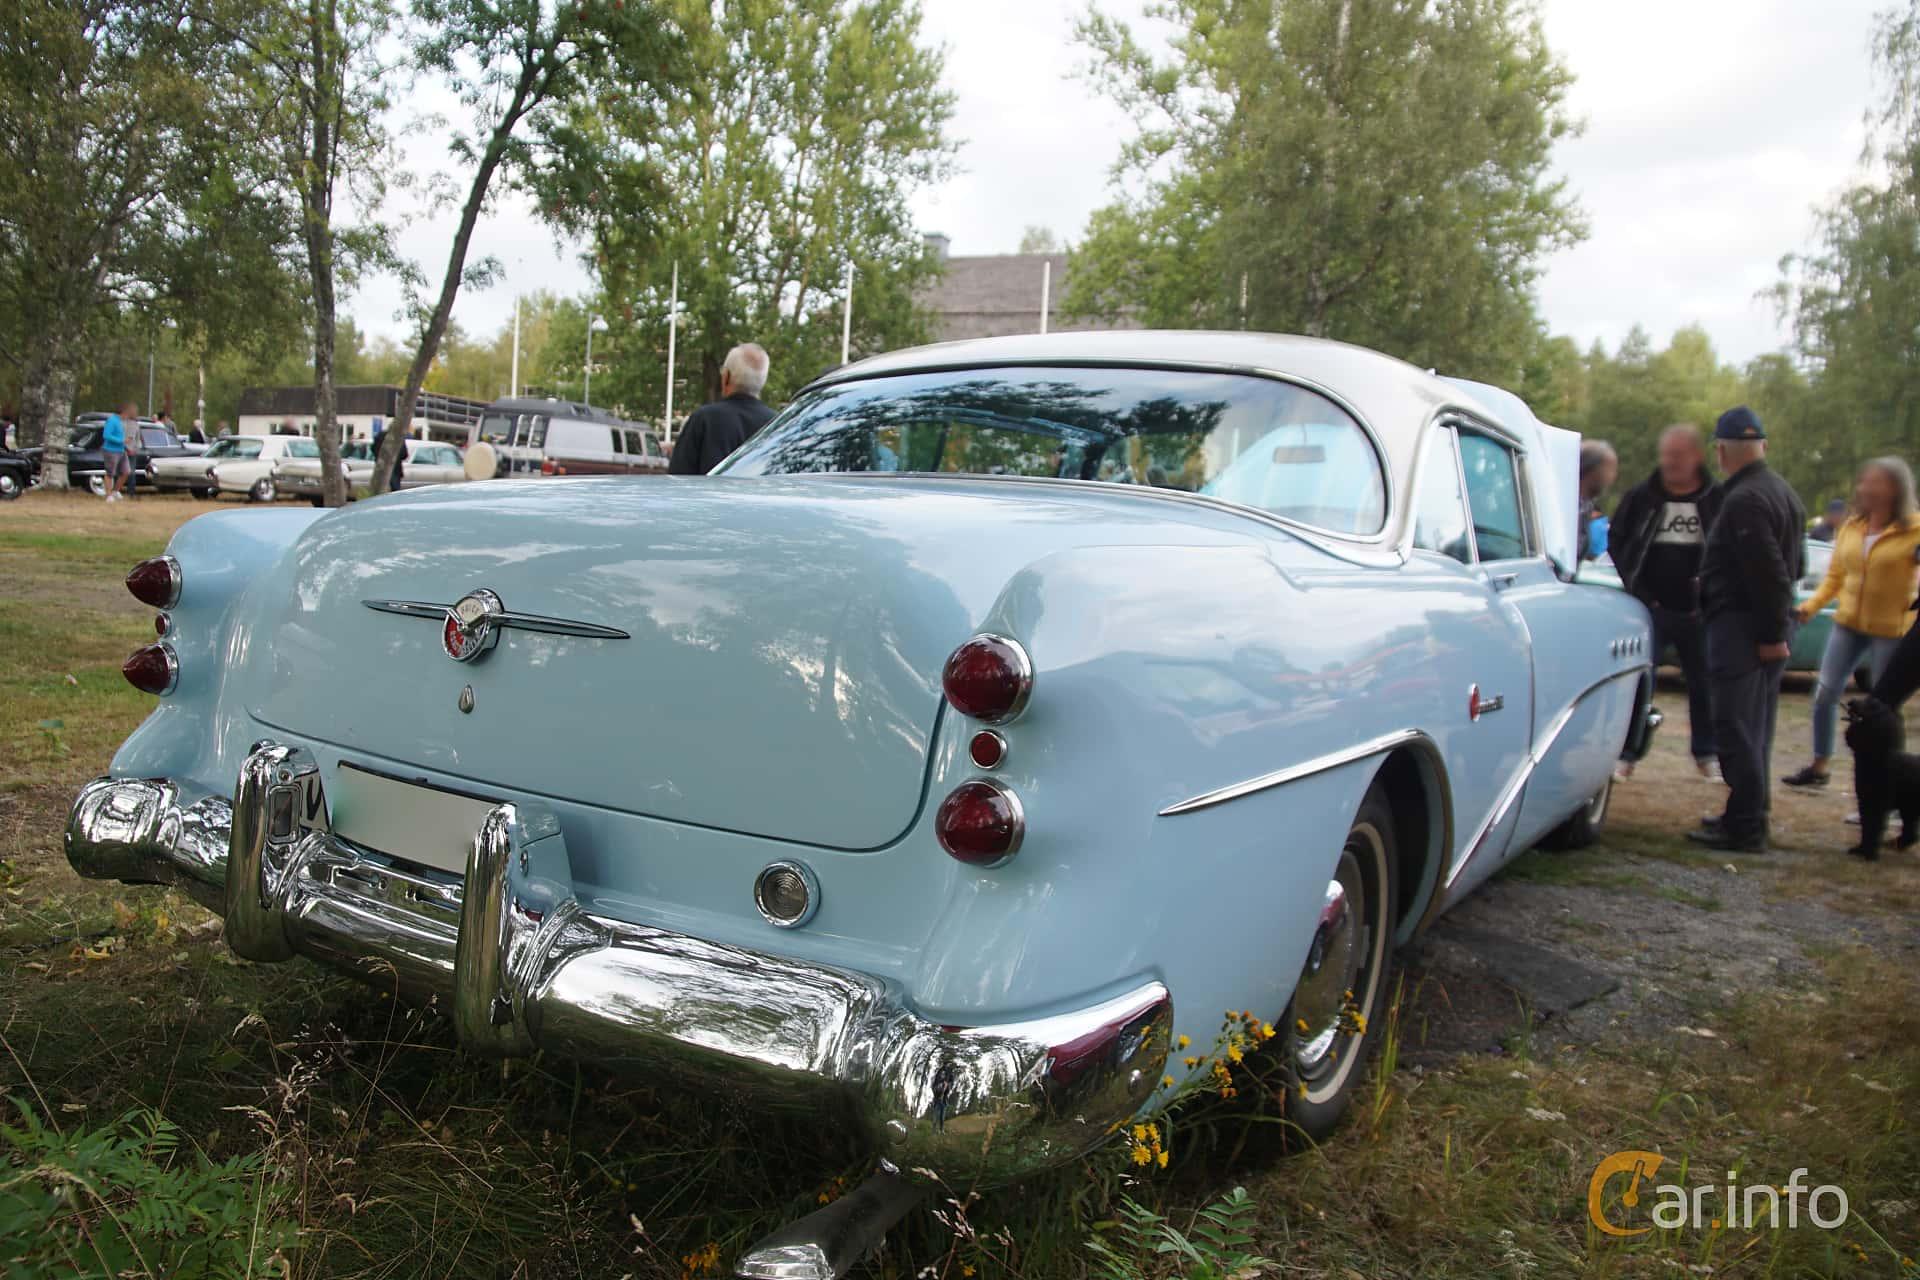 Buick Roadmaster Riviera Hardtop 5.3 V8 Automatic, 203hp, 1954 at Onsdagsträffar på Gammlia Umeå 2019 vecka 32